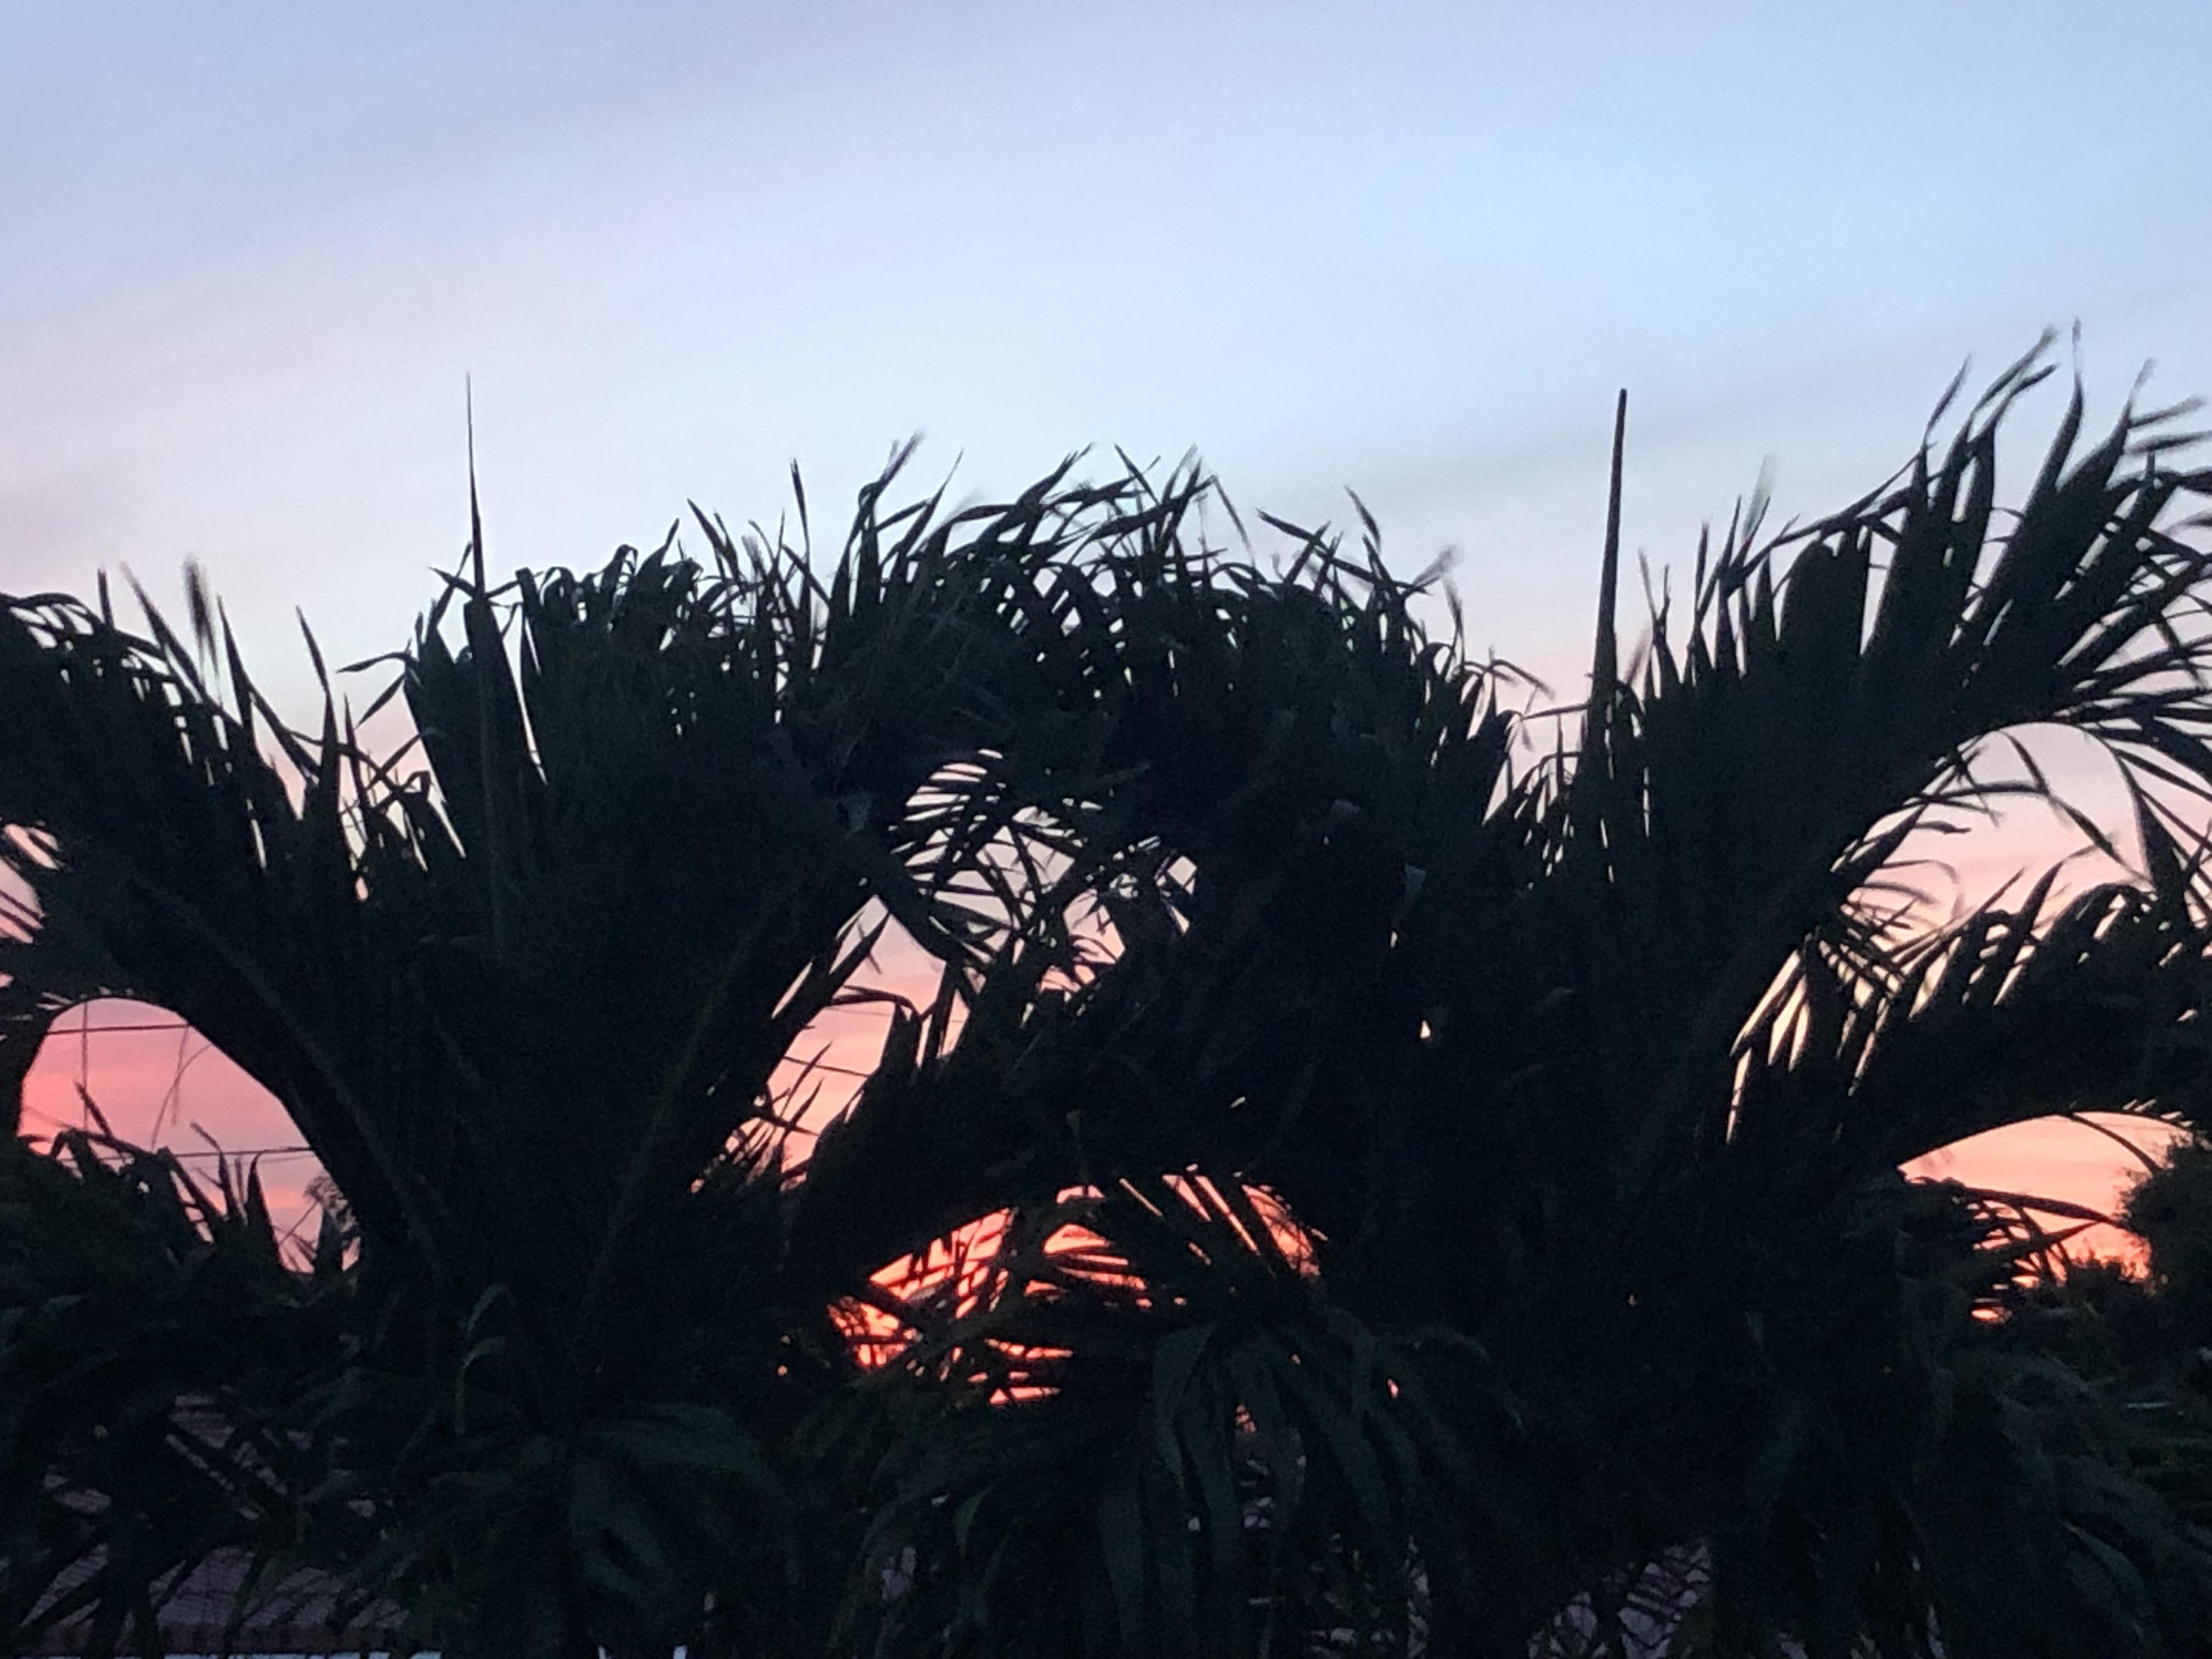 sunrise 9-5-19